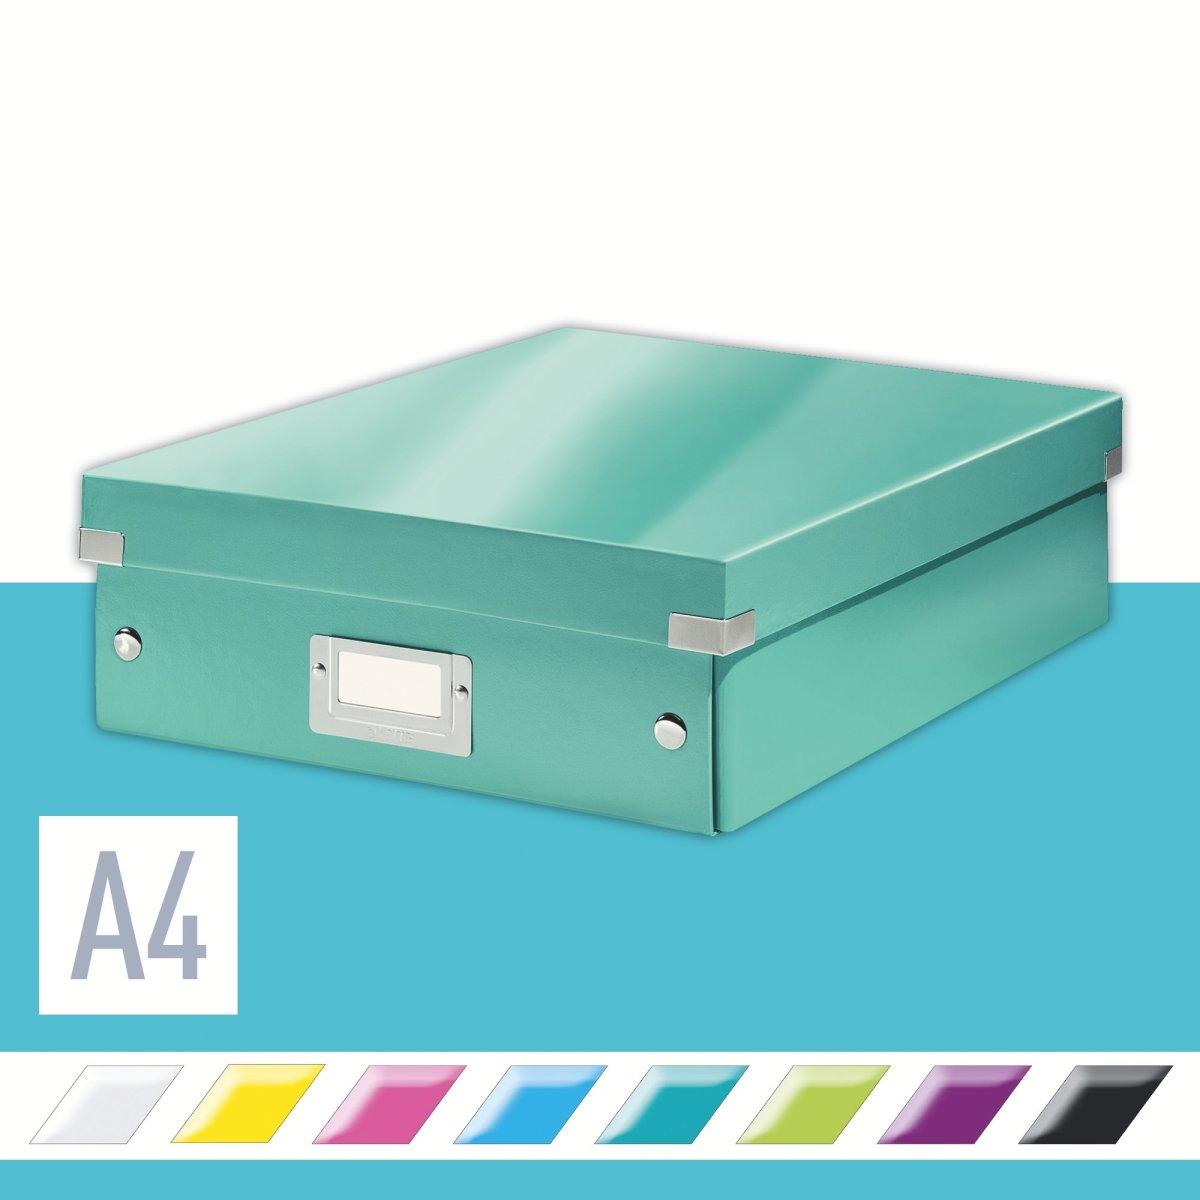 Leitz Click & Store Organizer boks medium, isblå